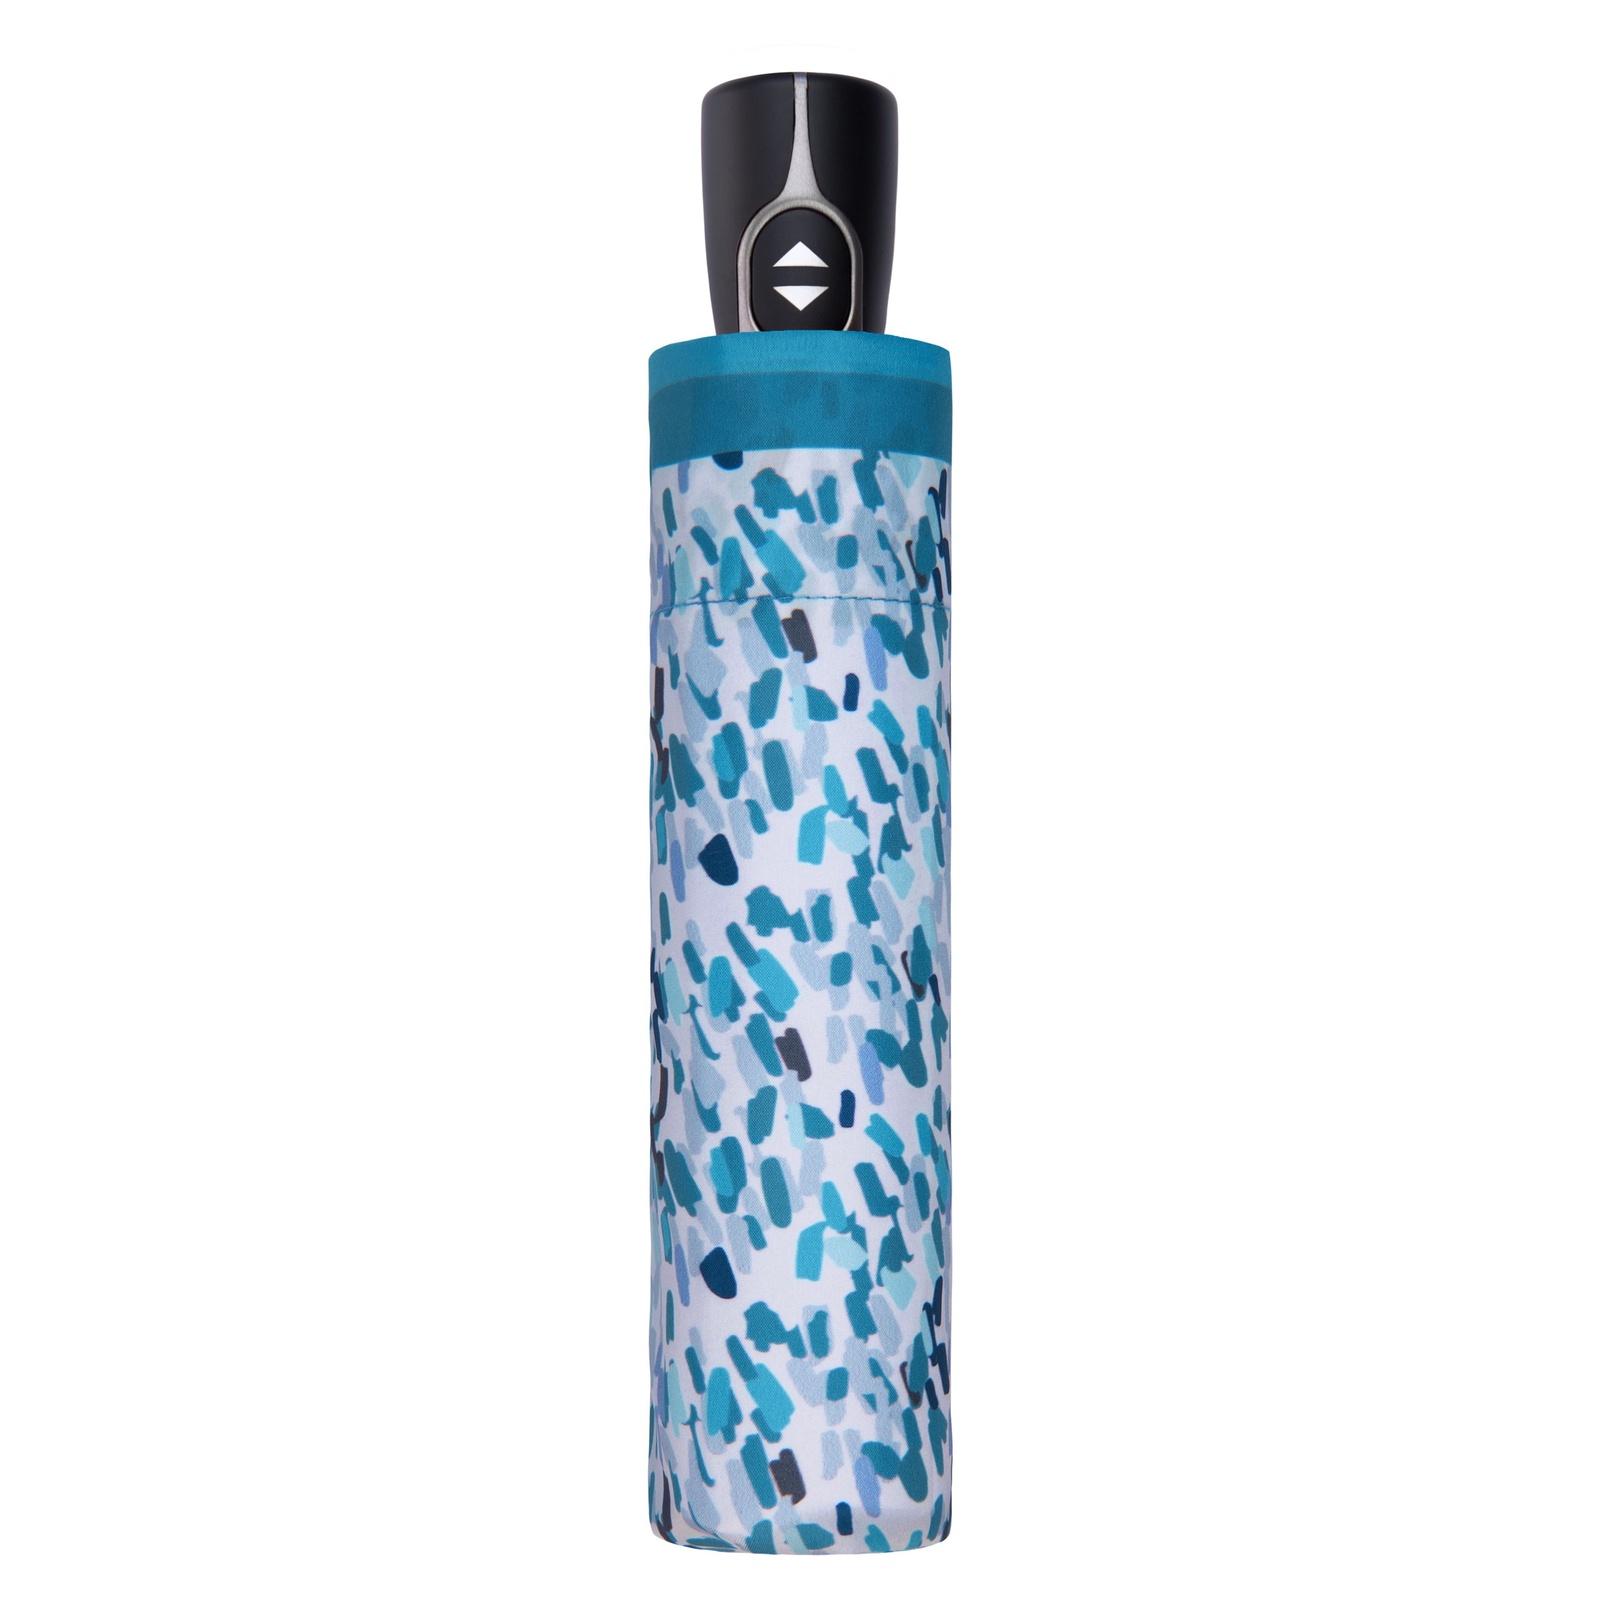 Зонт Doppler Sprincle, белый, голубой, синий, серый зонт doppler 7441465 pe2